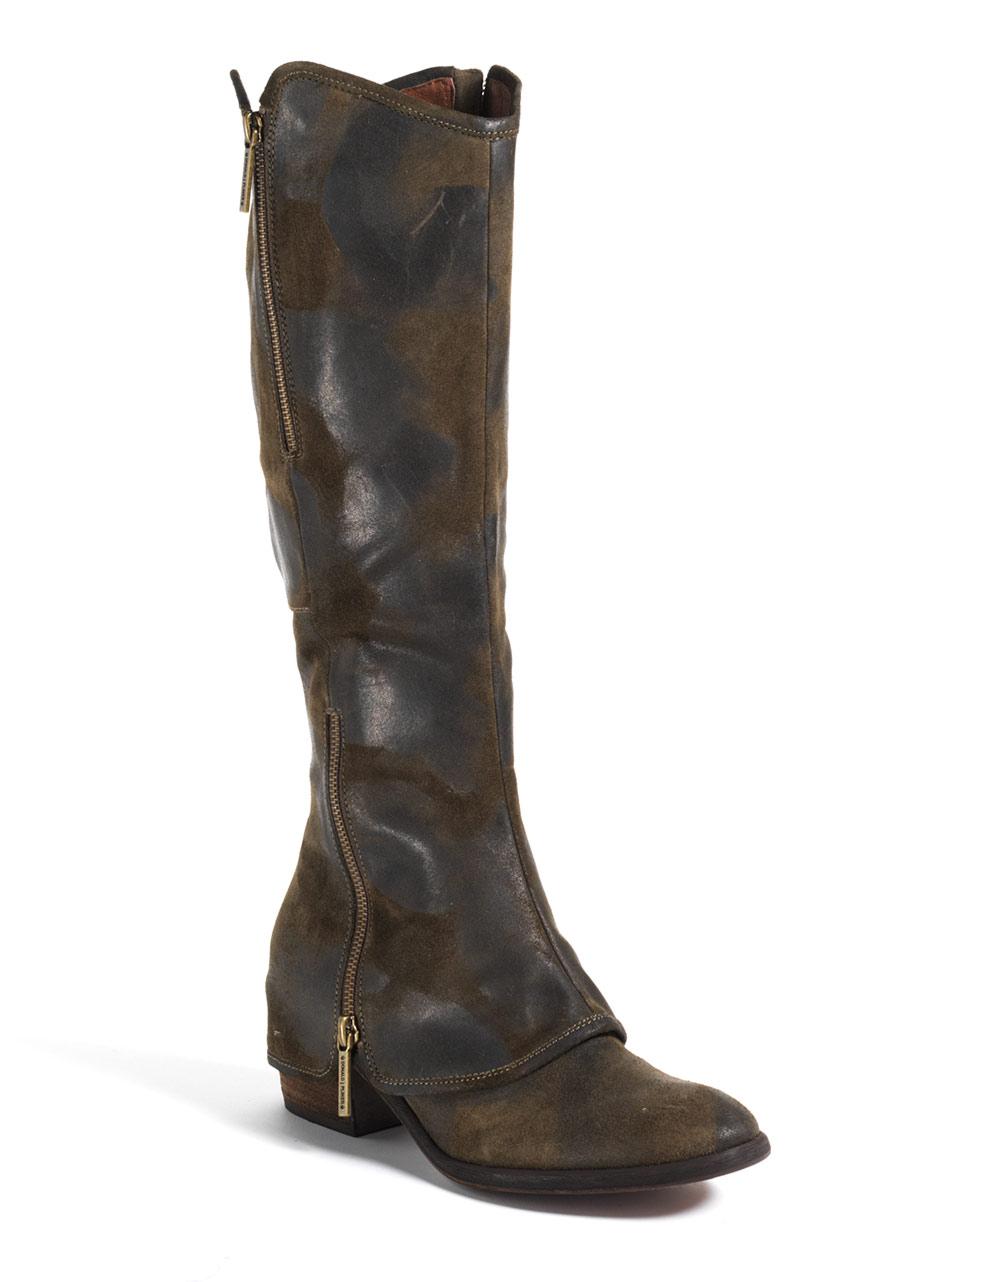 vintage suede boot jpg 1500x1000